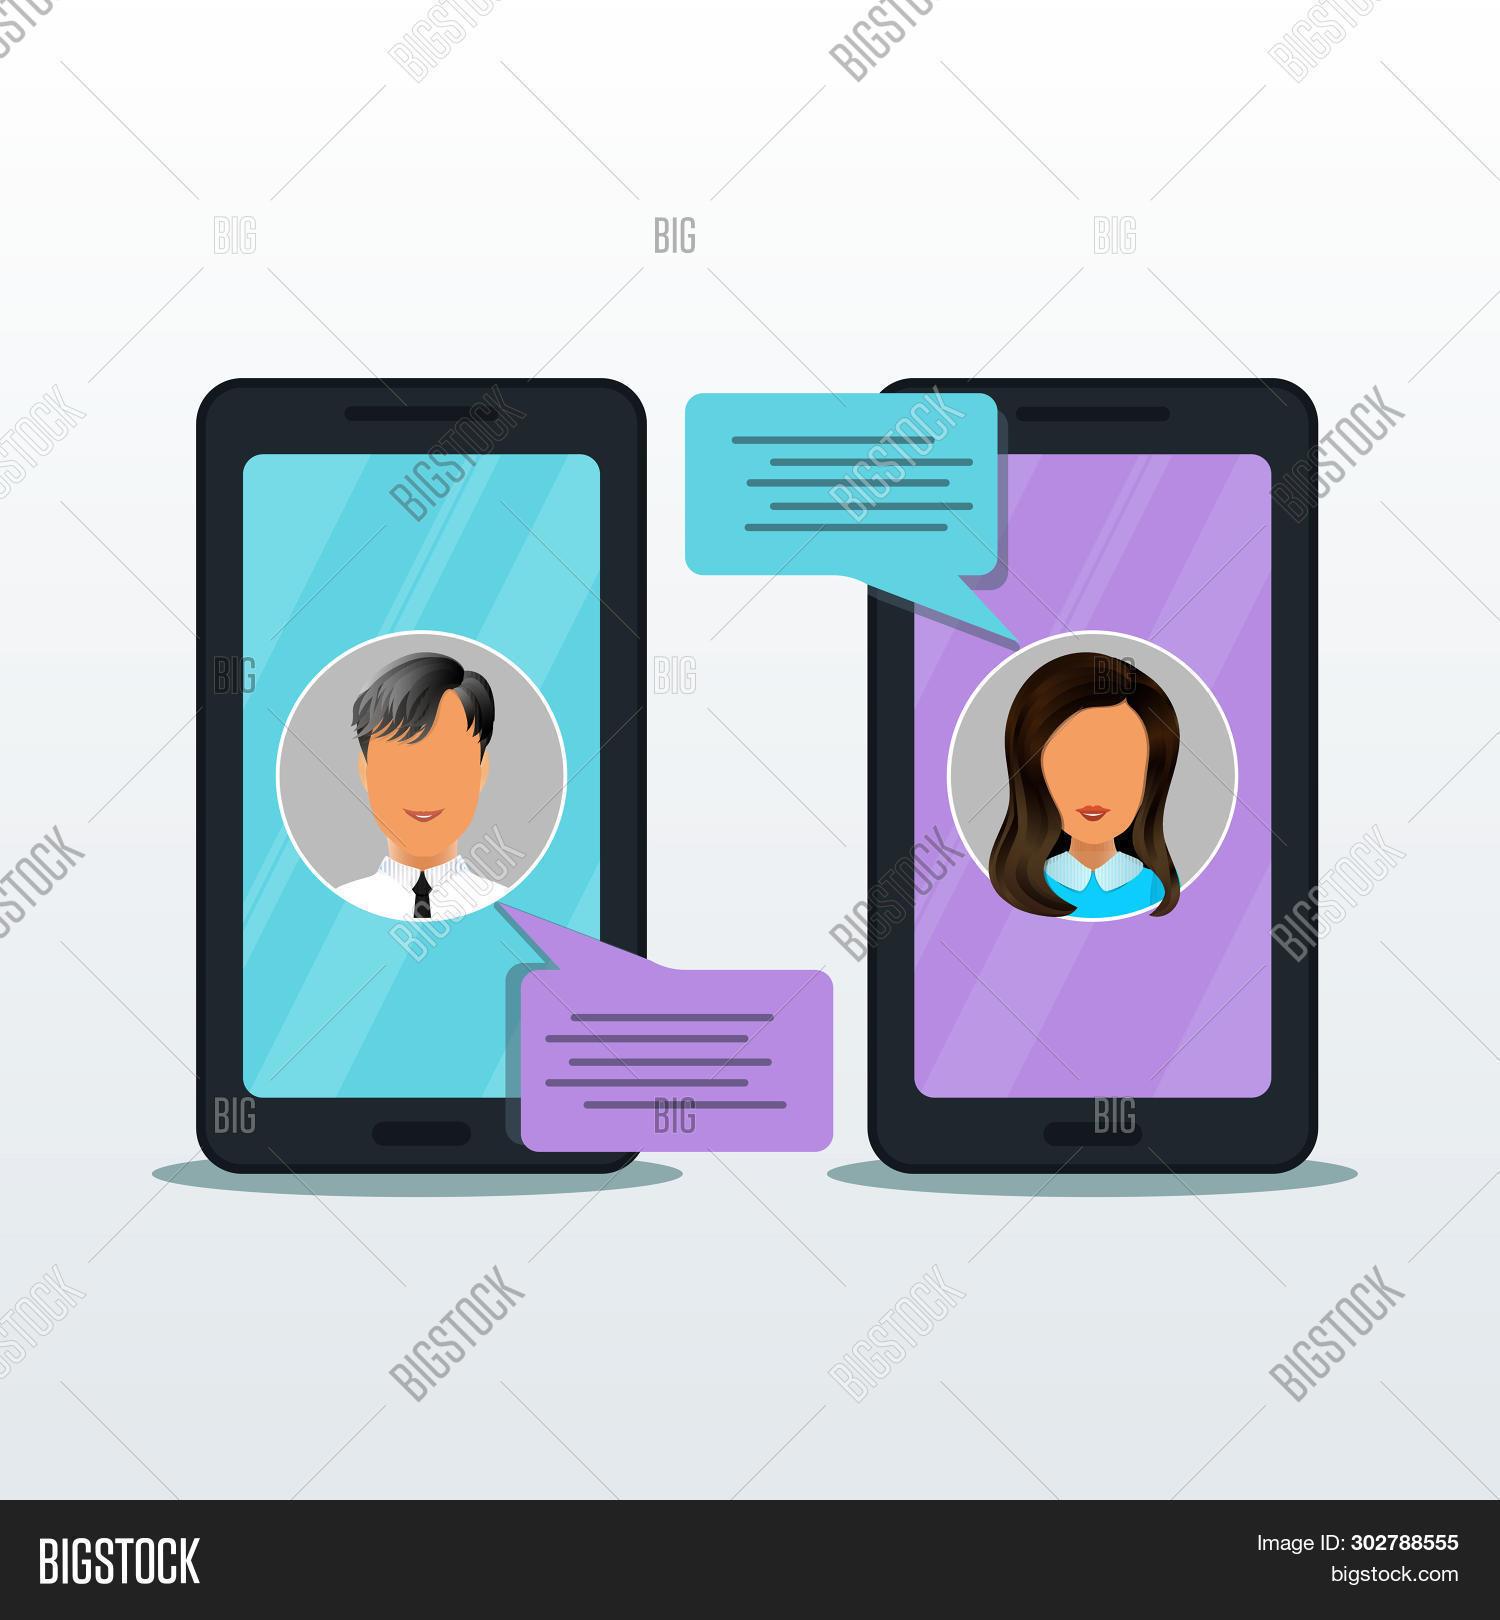 korte toespraak over internet dating